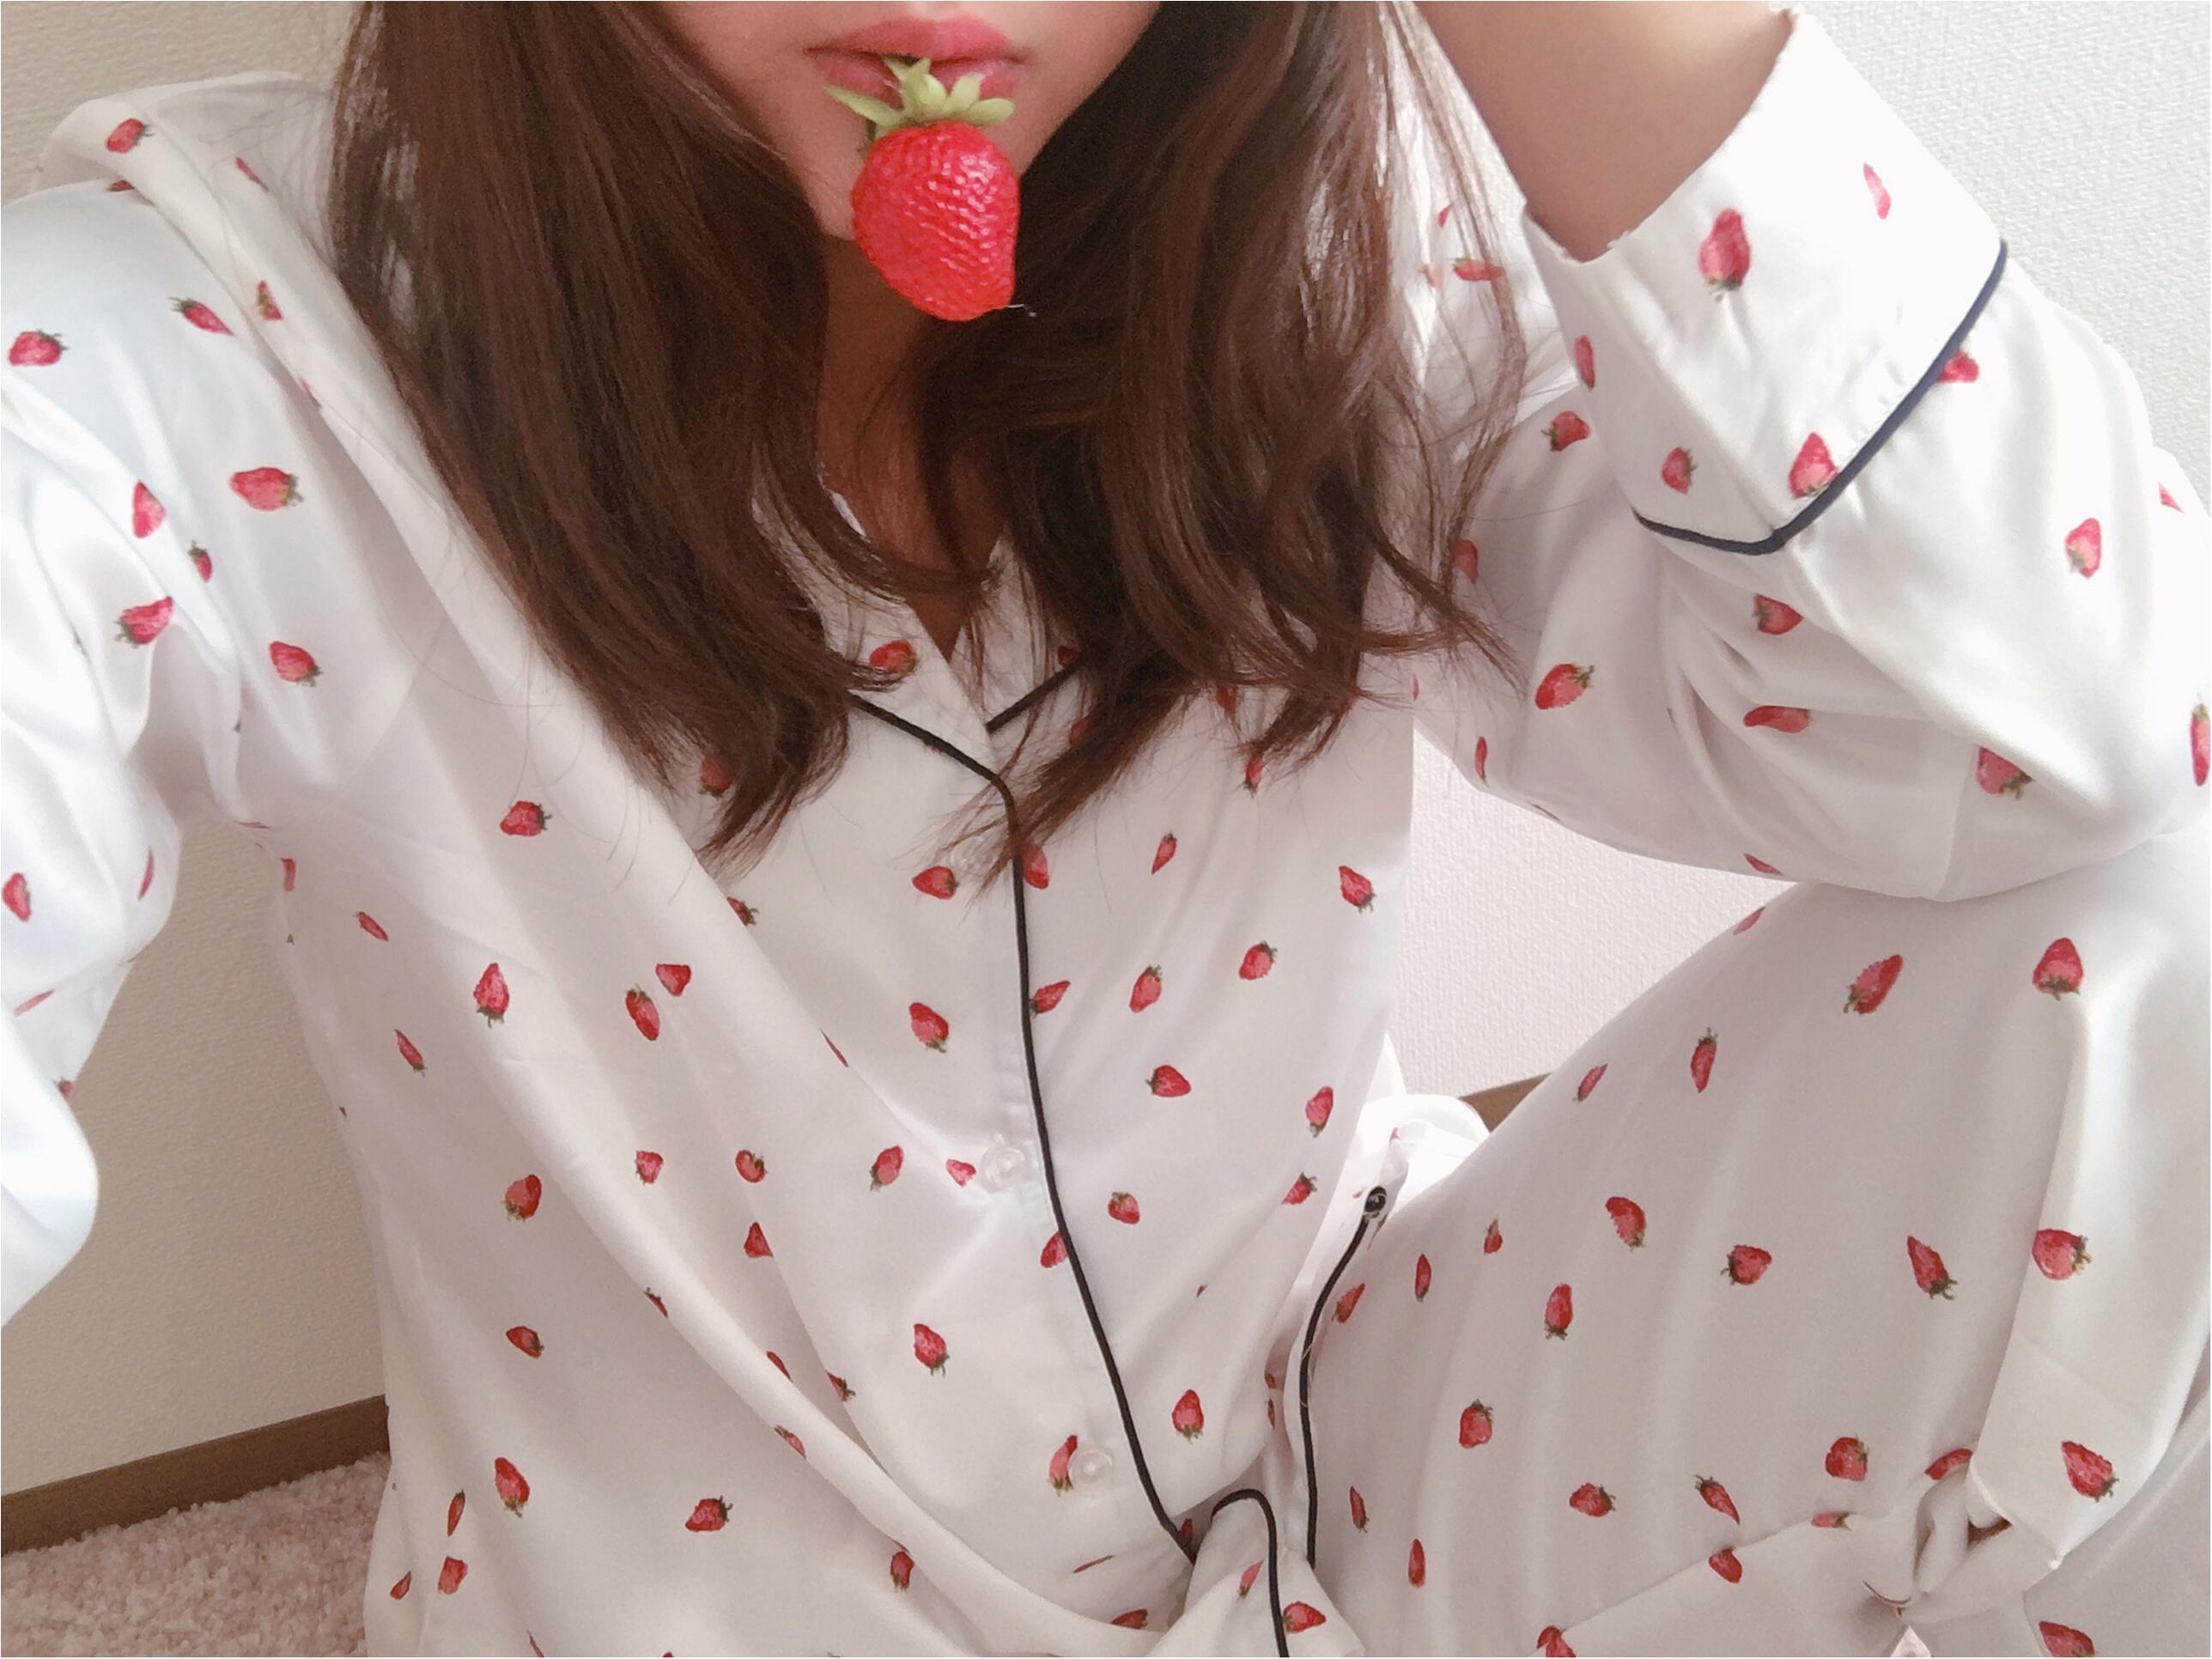 【GU(ジーユー)】いちごパジャマがかわいすぎて春が待ち遠しい!_4